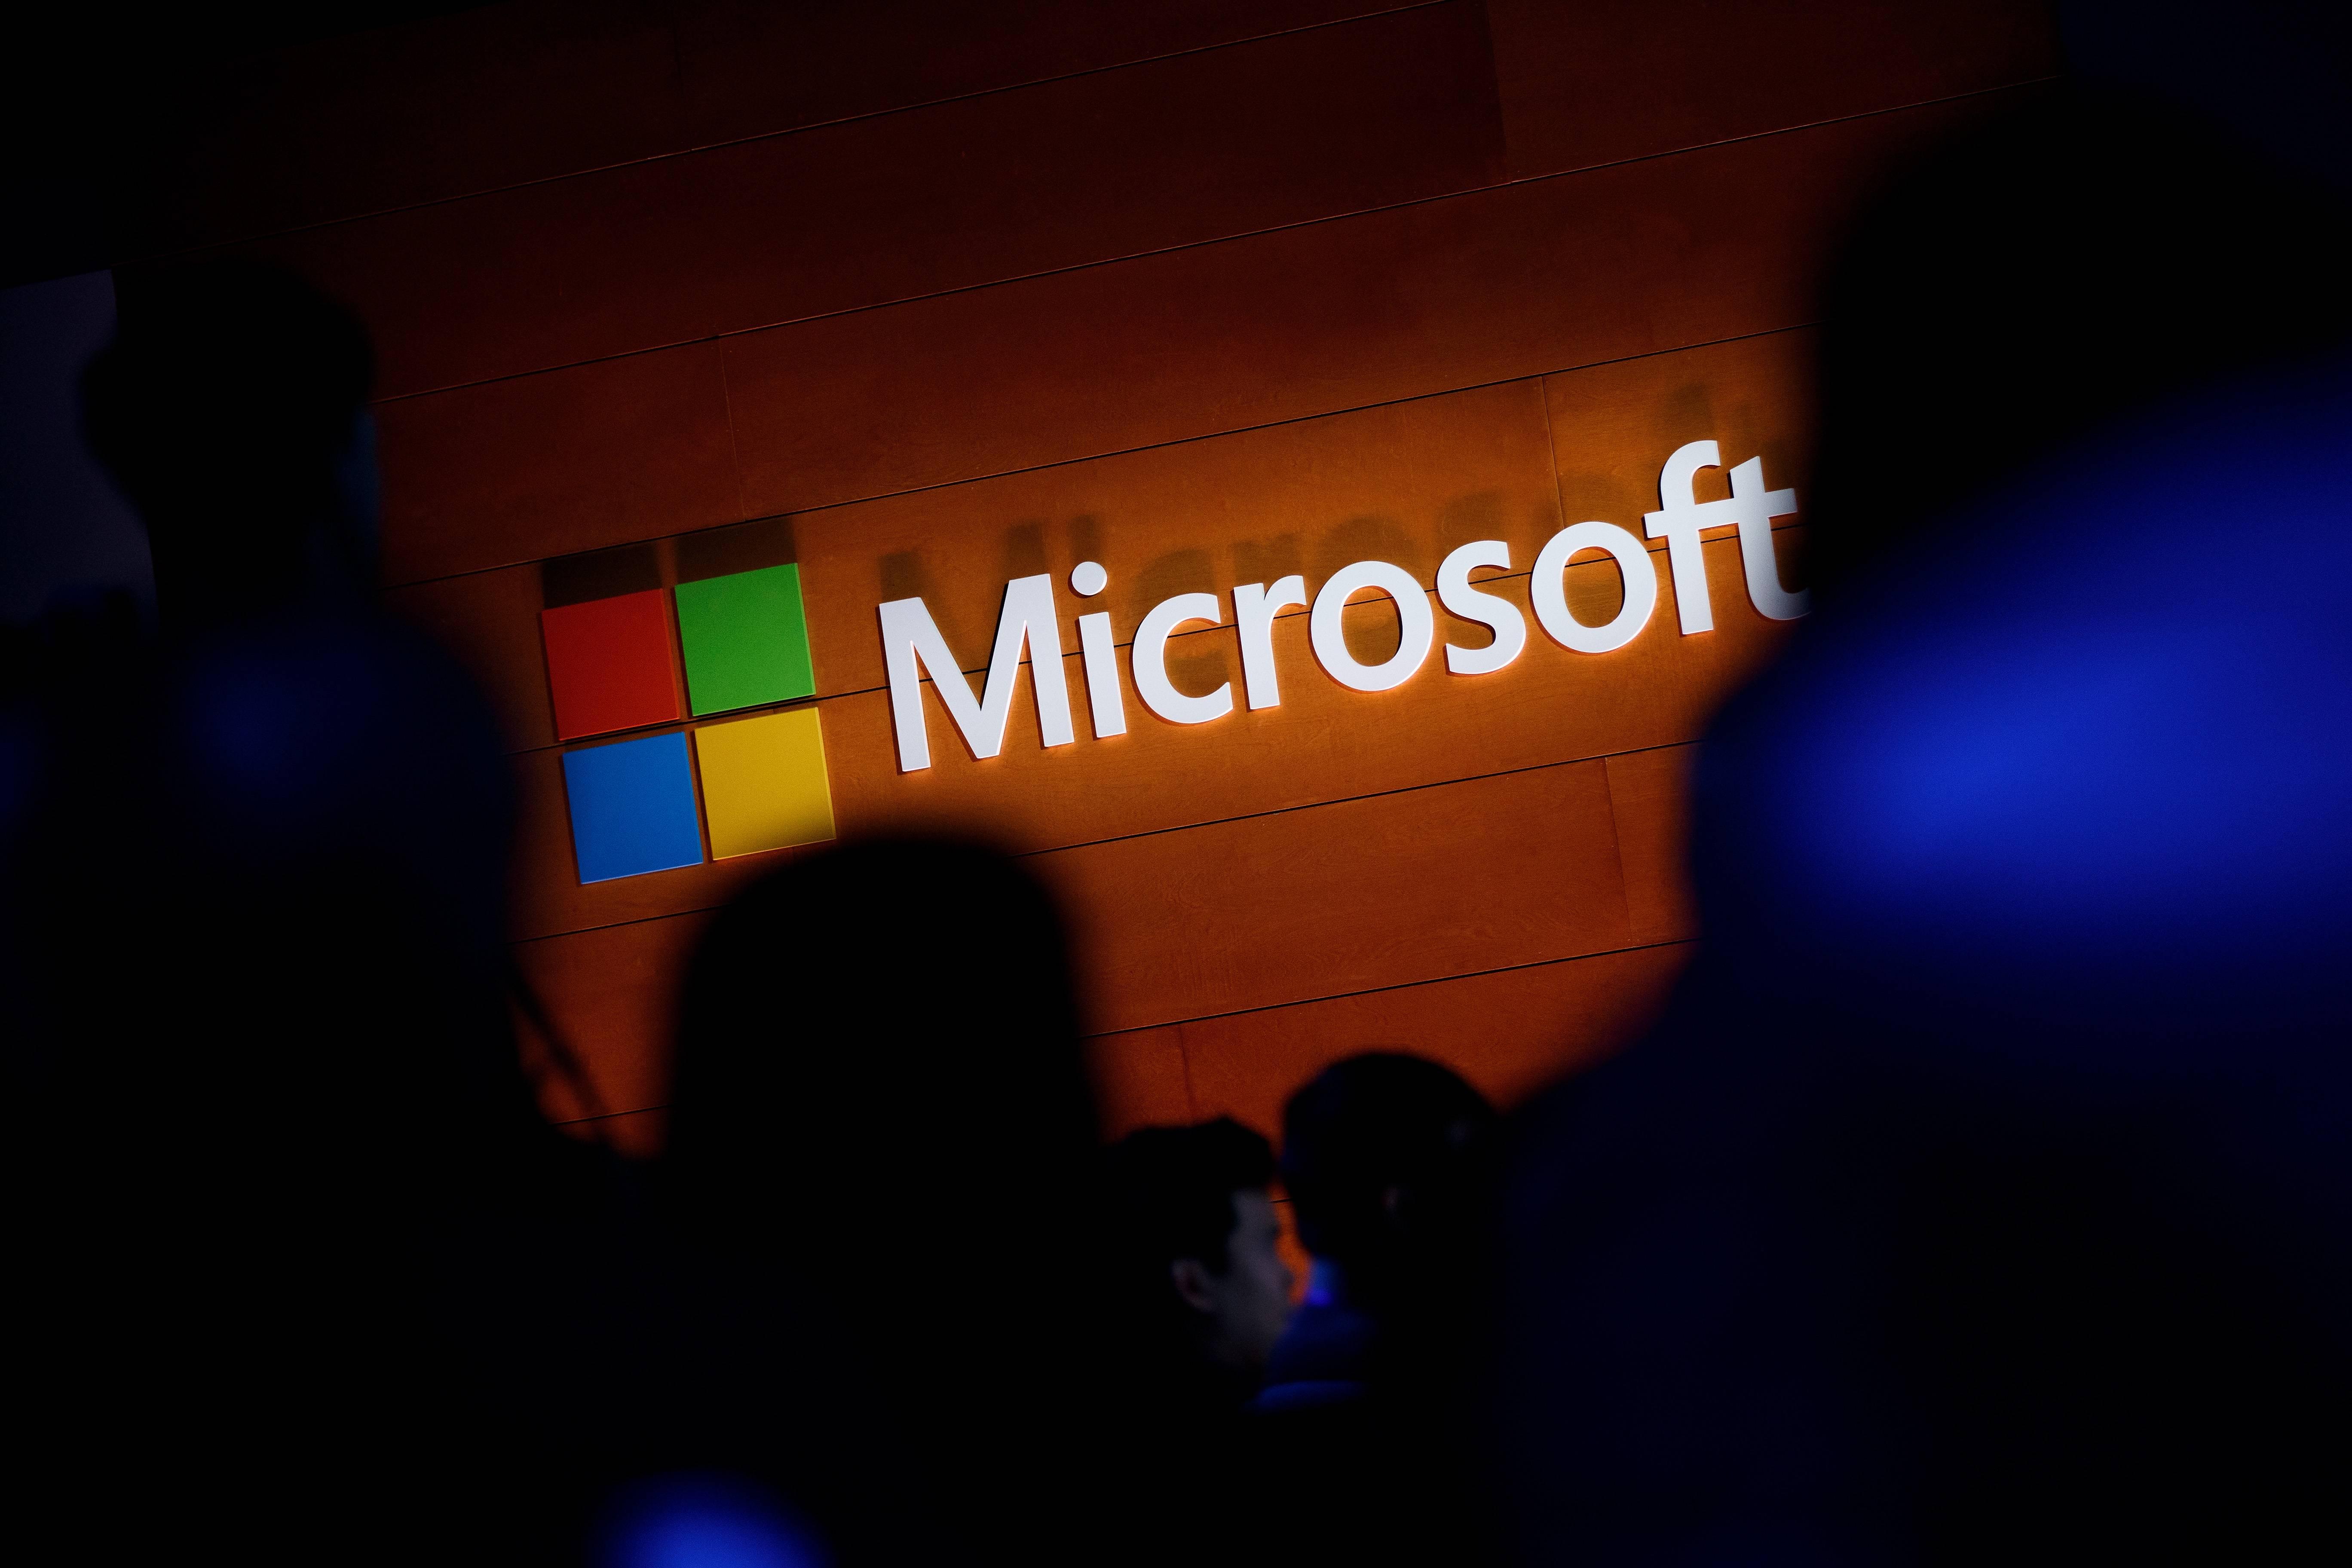 Microsoft libera parches para solucionar problemas de Windows 10; y estos generan otros errores